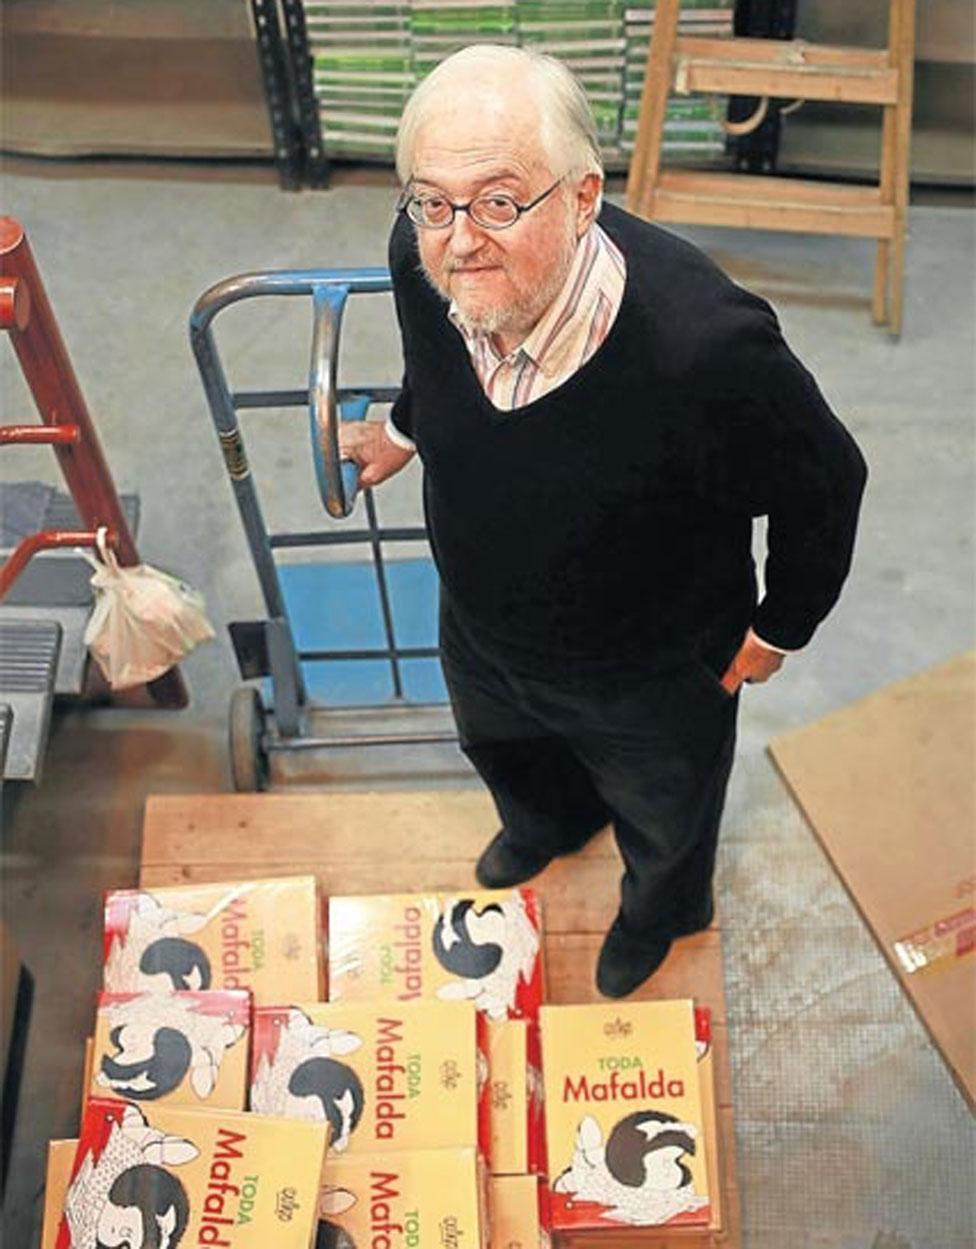 Daniel Divinsky junto a libros de Mafalda